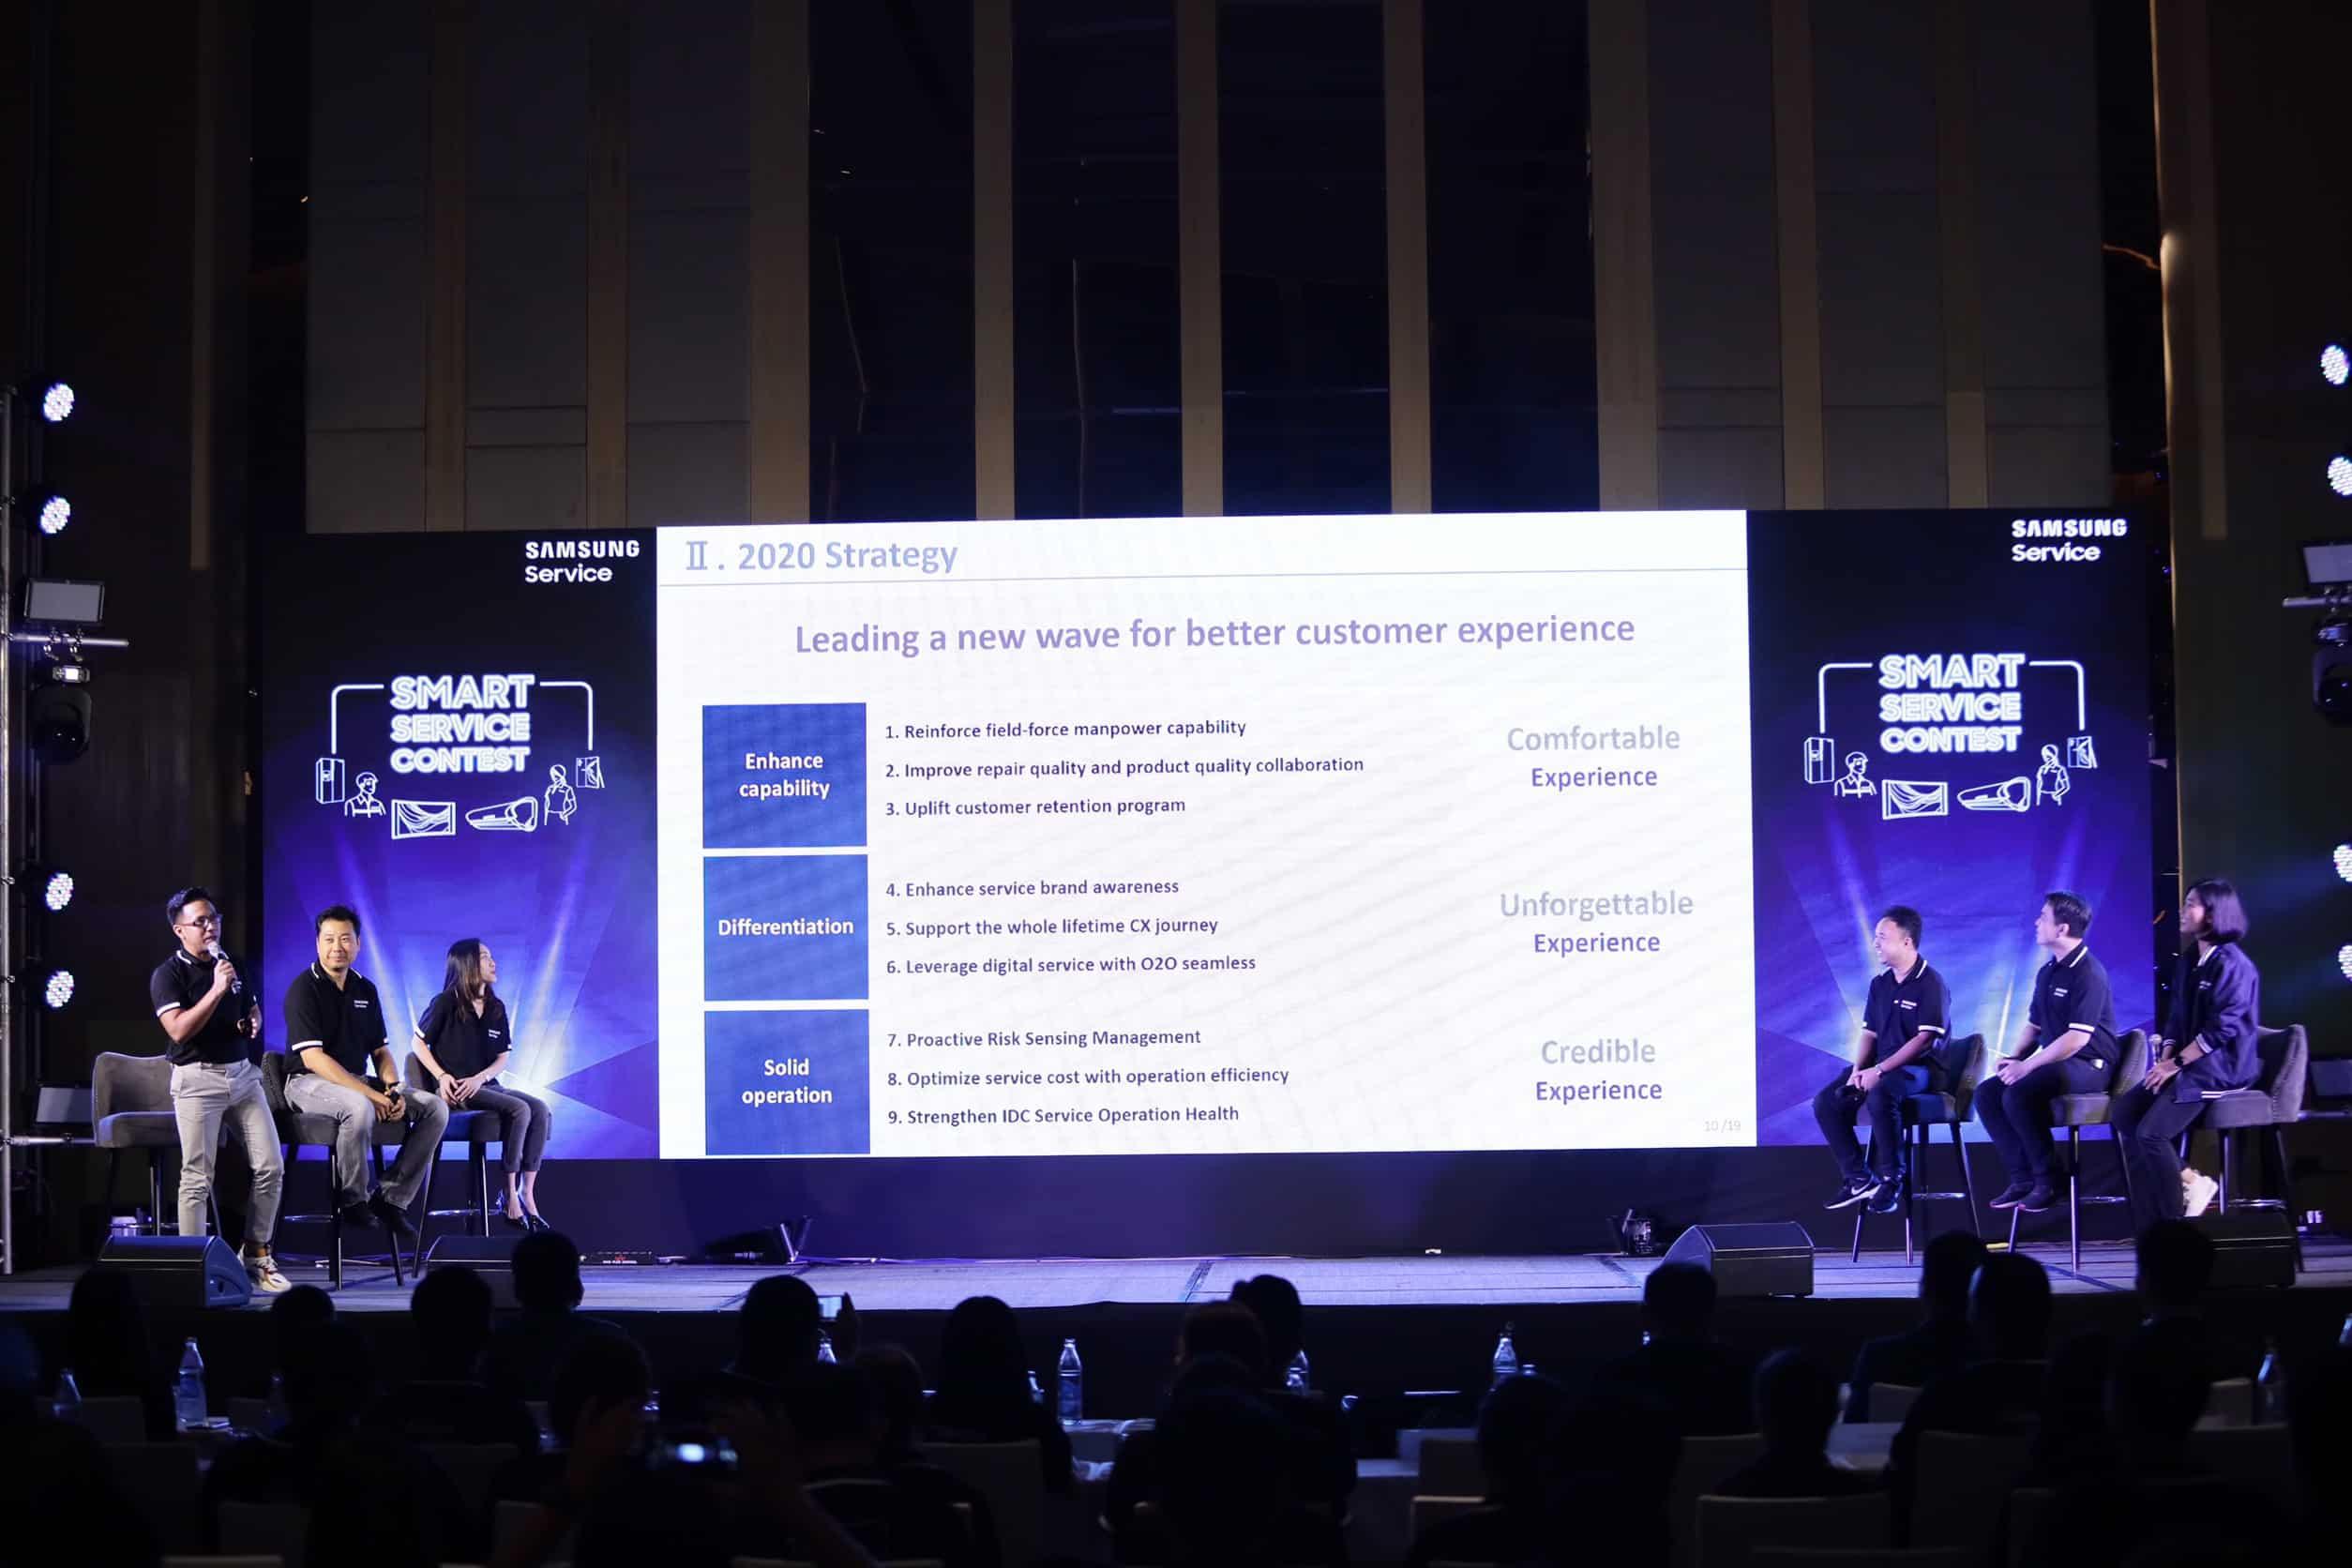 รูป Smart Service Contest ประกอบเนื้อหา Samsung Services สานต่อความ 'ตั้งใจ' เดินหน้าชูนโ ยบายด้านการบริการปี 2563